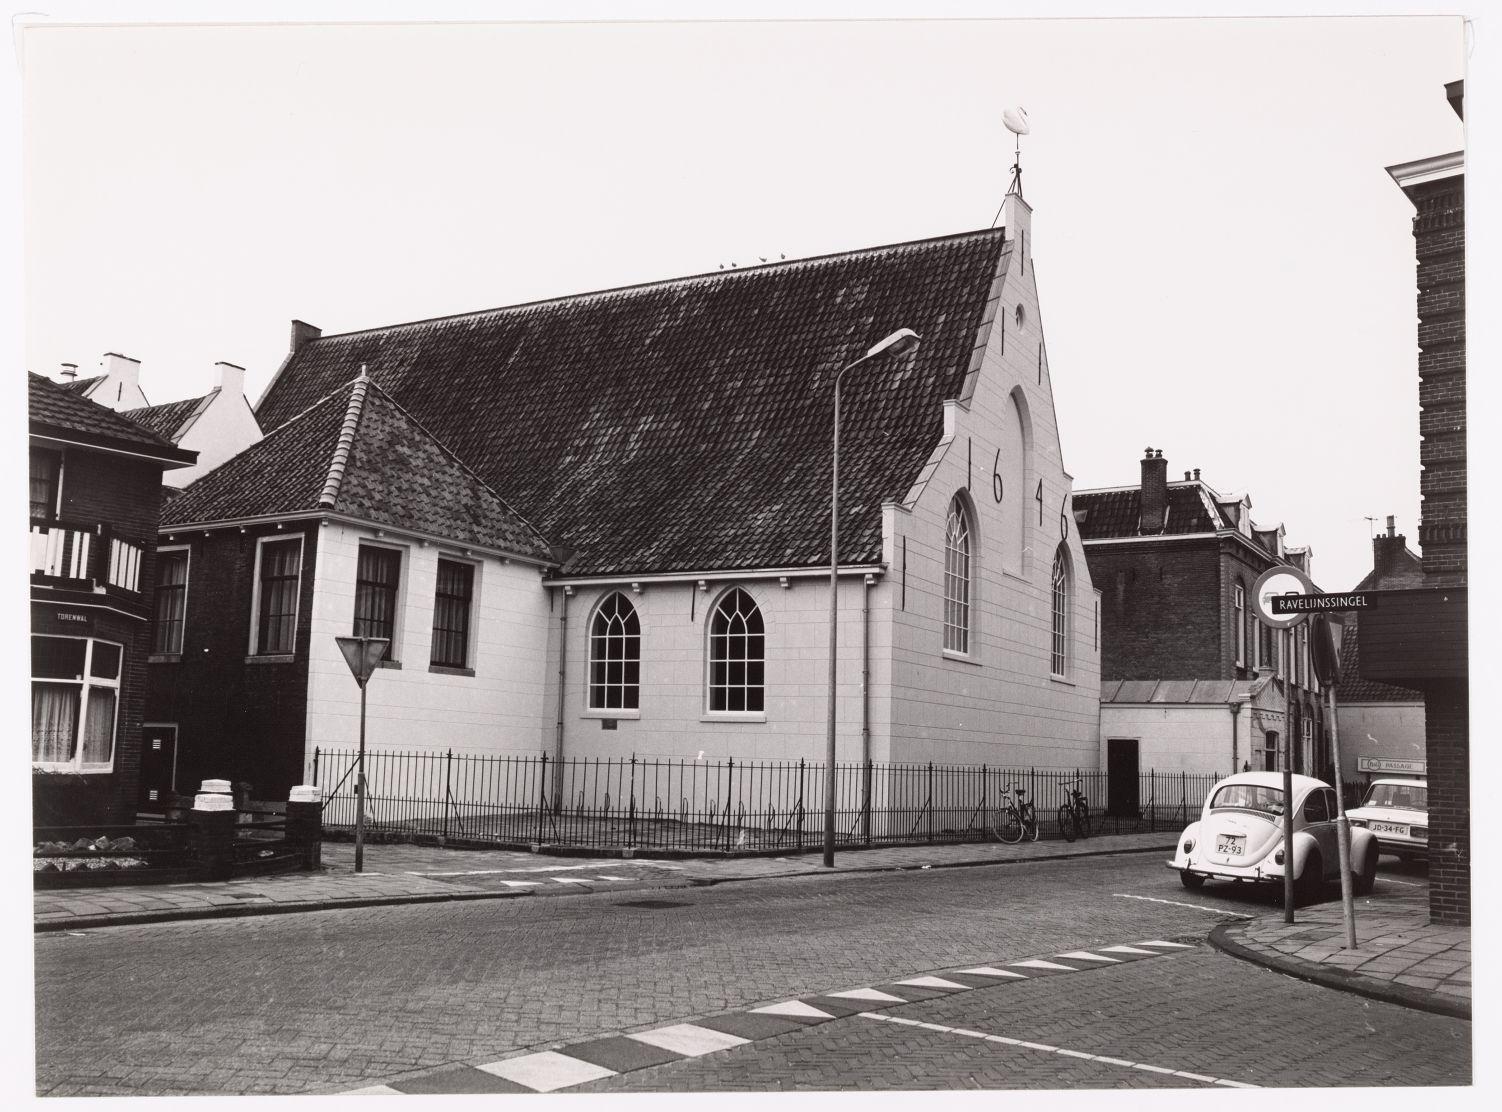 De Evangelisch-Lutherse kerk te Woerden was aanvankelijk een tegen de stadswal aangebouwde schuilkerk; na de afgraving van de wallen aan het eind van de 19e eeuw kwam de hier afgebeelde achterzijde van de kerk aan de Nieuwstraat